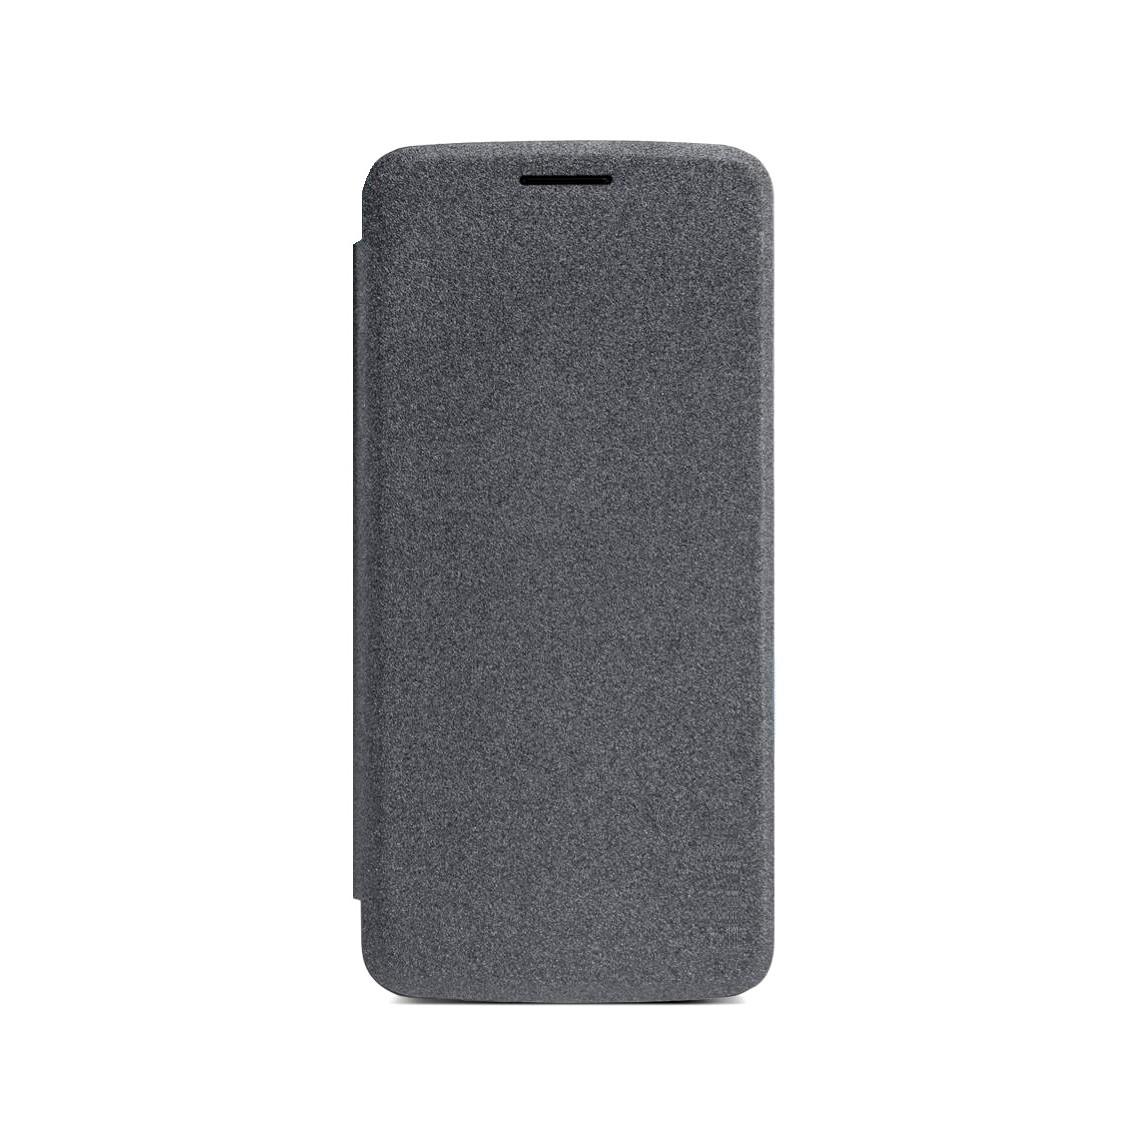 timeless design a7b64 db8d5 Flip Cover for Motorola Moto G6 Plus - Black